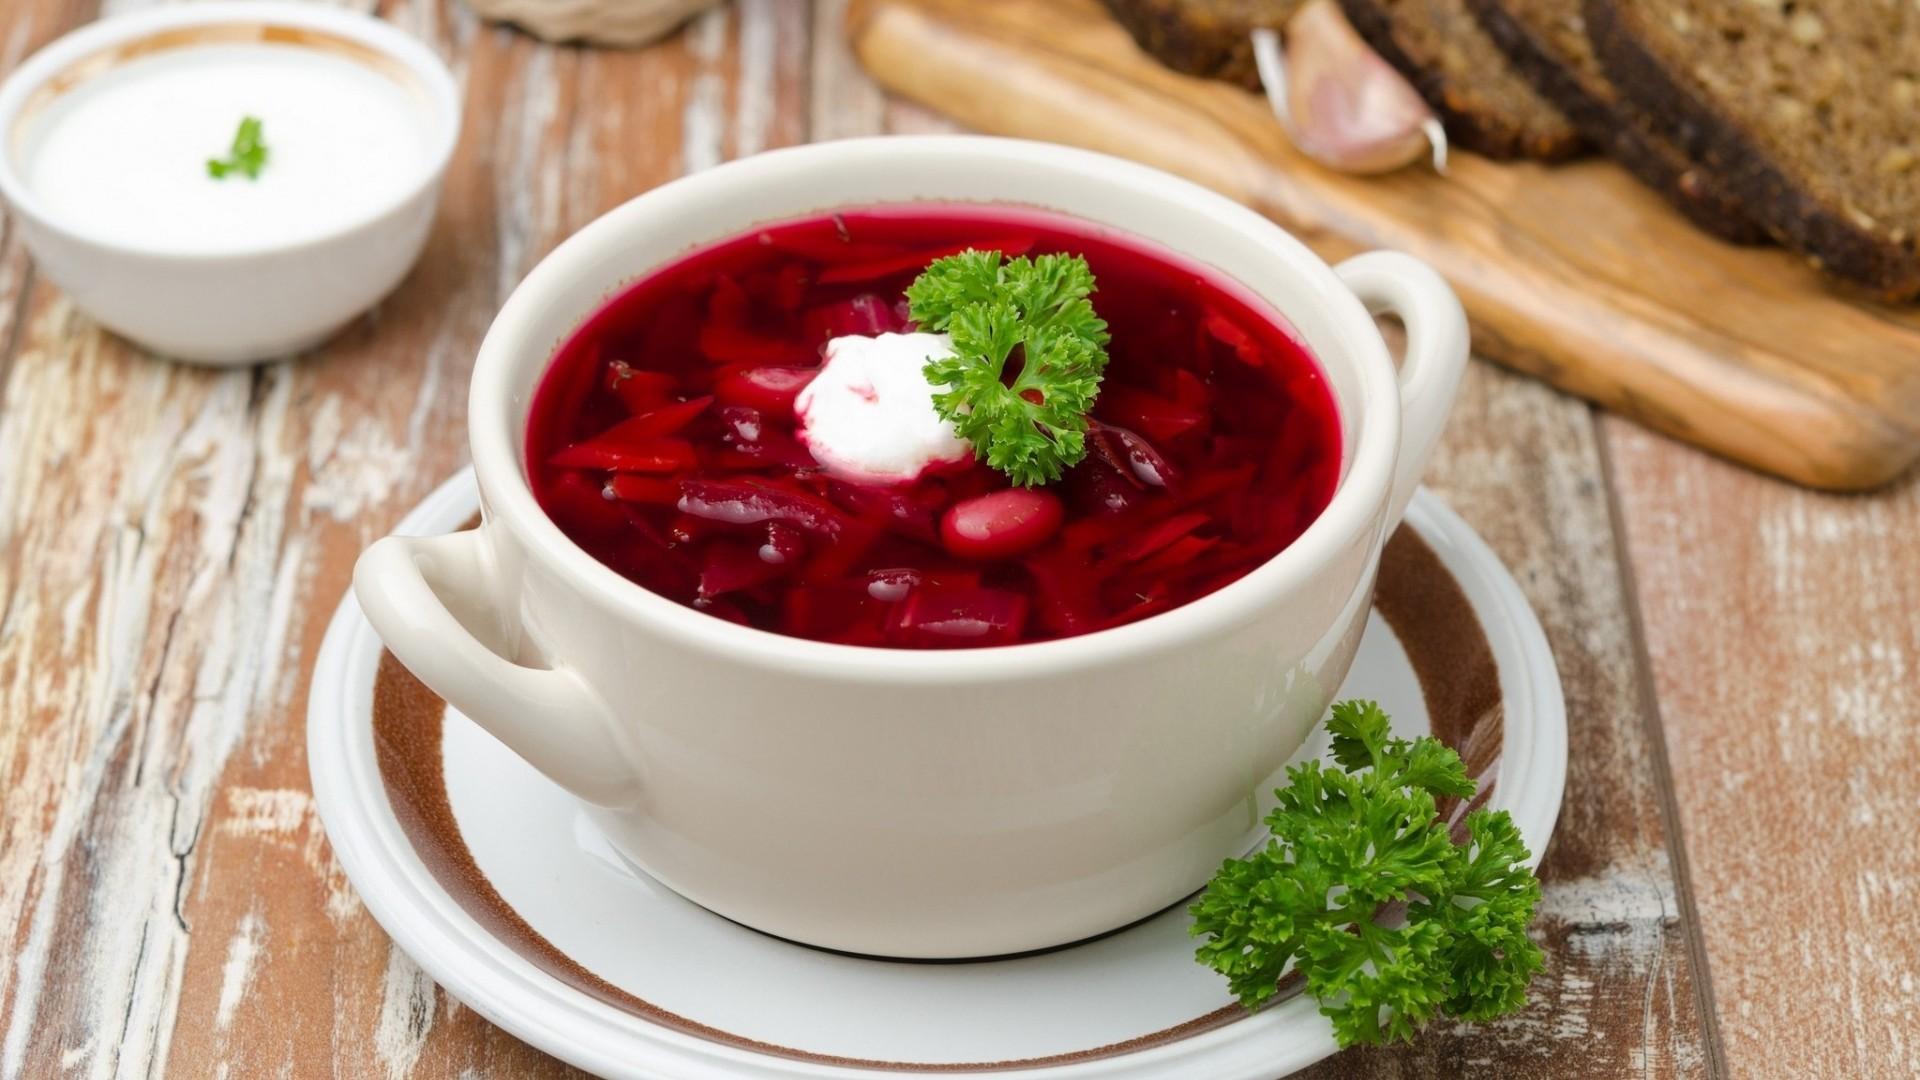 Food_Red_borsch_079666_